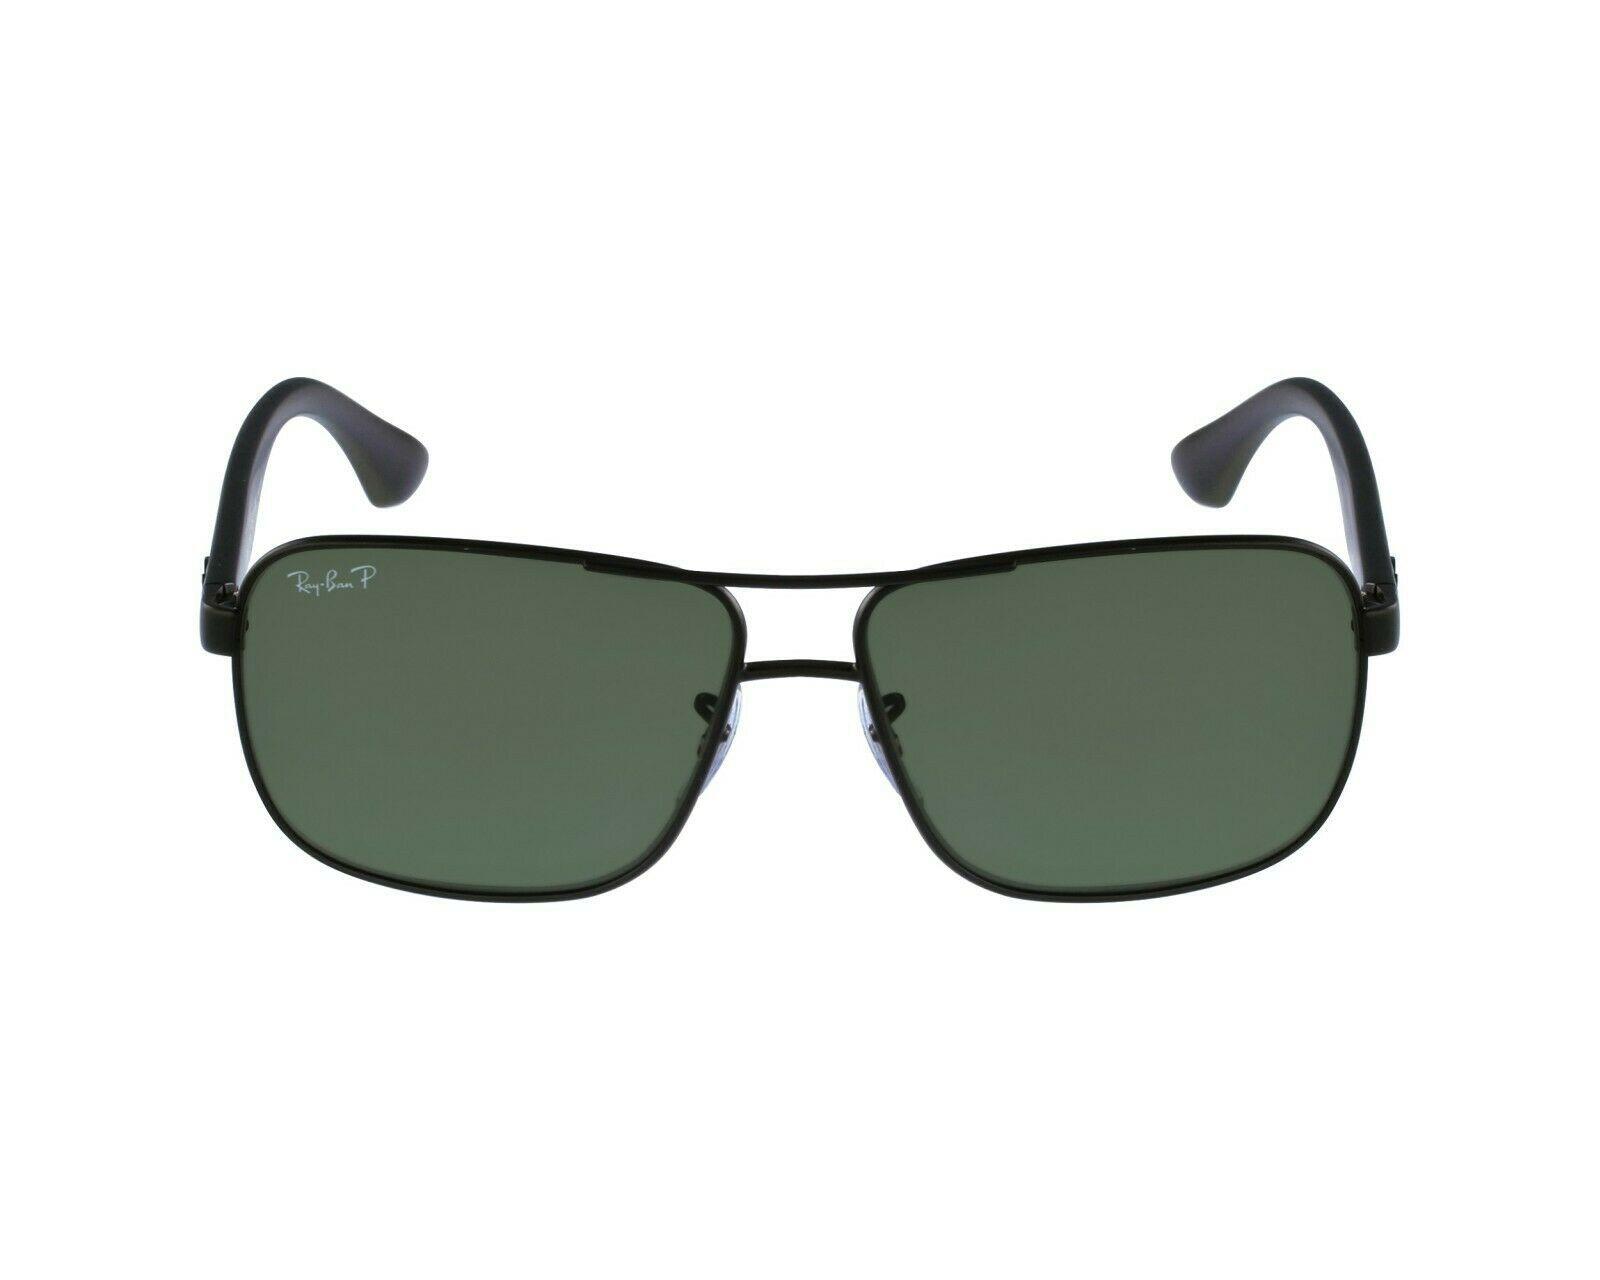 Nuevo Ray Ban RB 3516 006 / 9A Mate Negro W/ Verde Lentes Polarizados 59mm